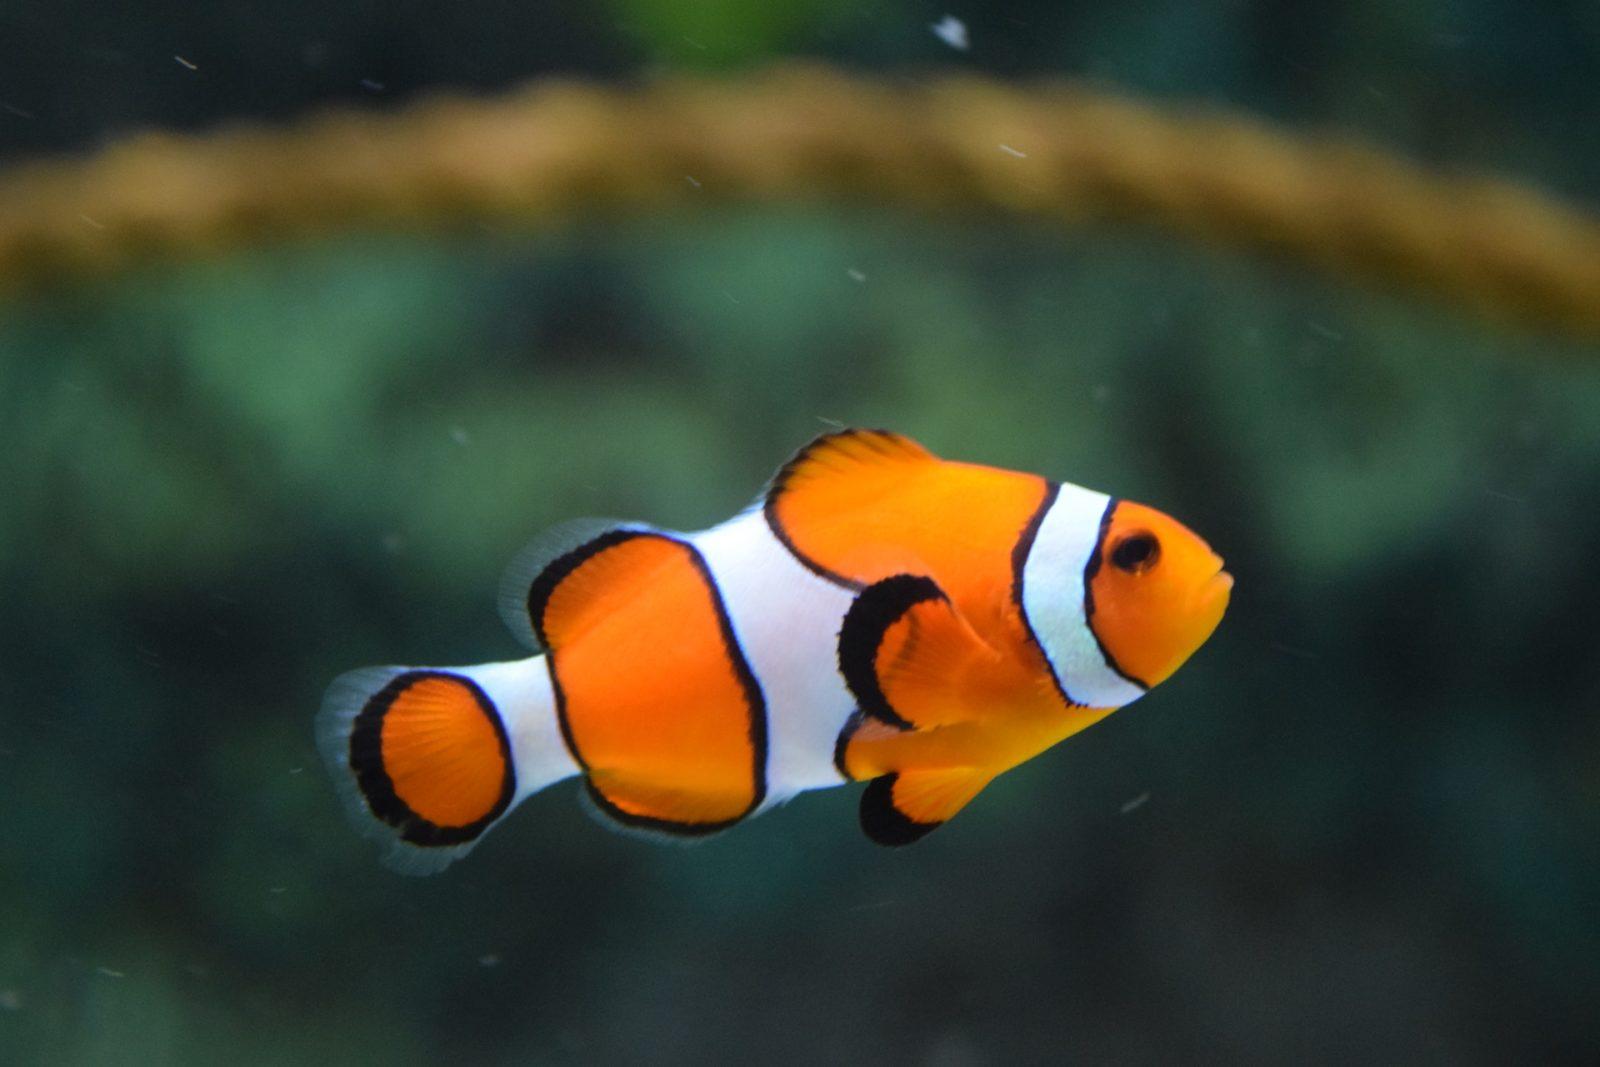 Sonhar com peixe nadando pode ser situação perigosa, riqueza ou sorte.